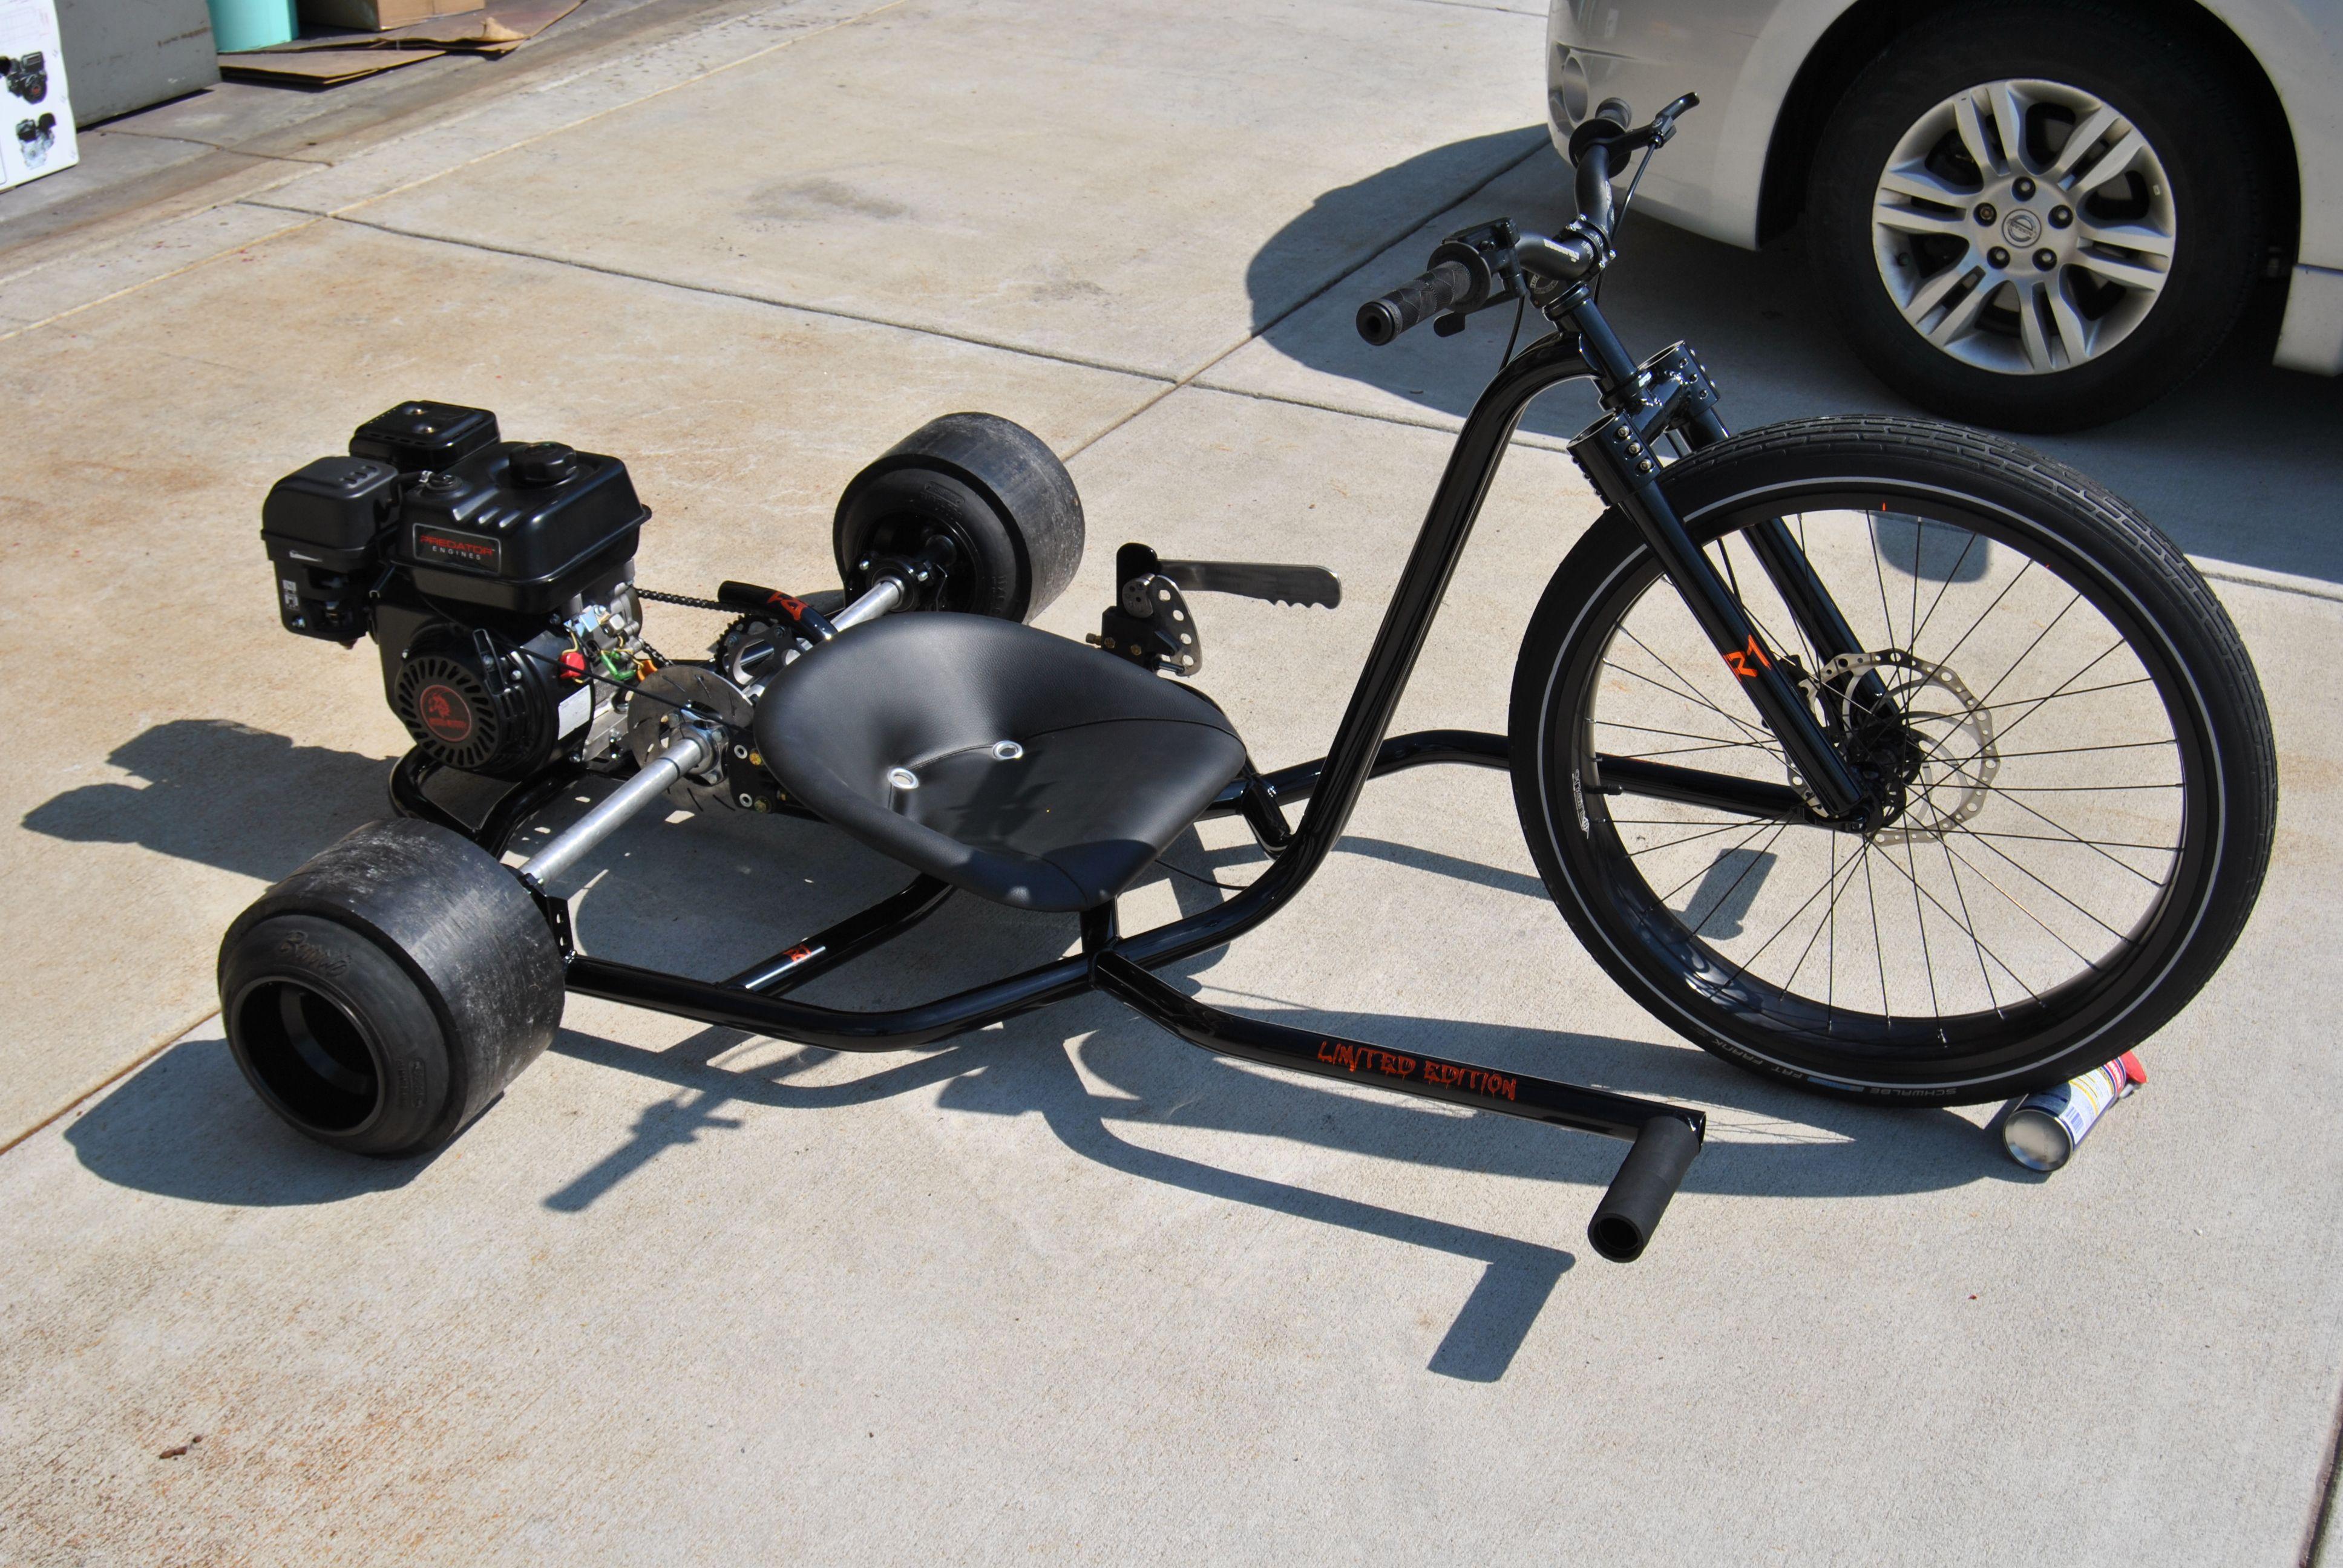 Дрифт трайк - велосипед для дрифта